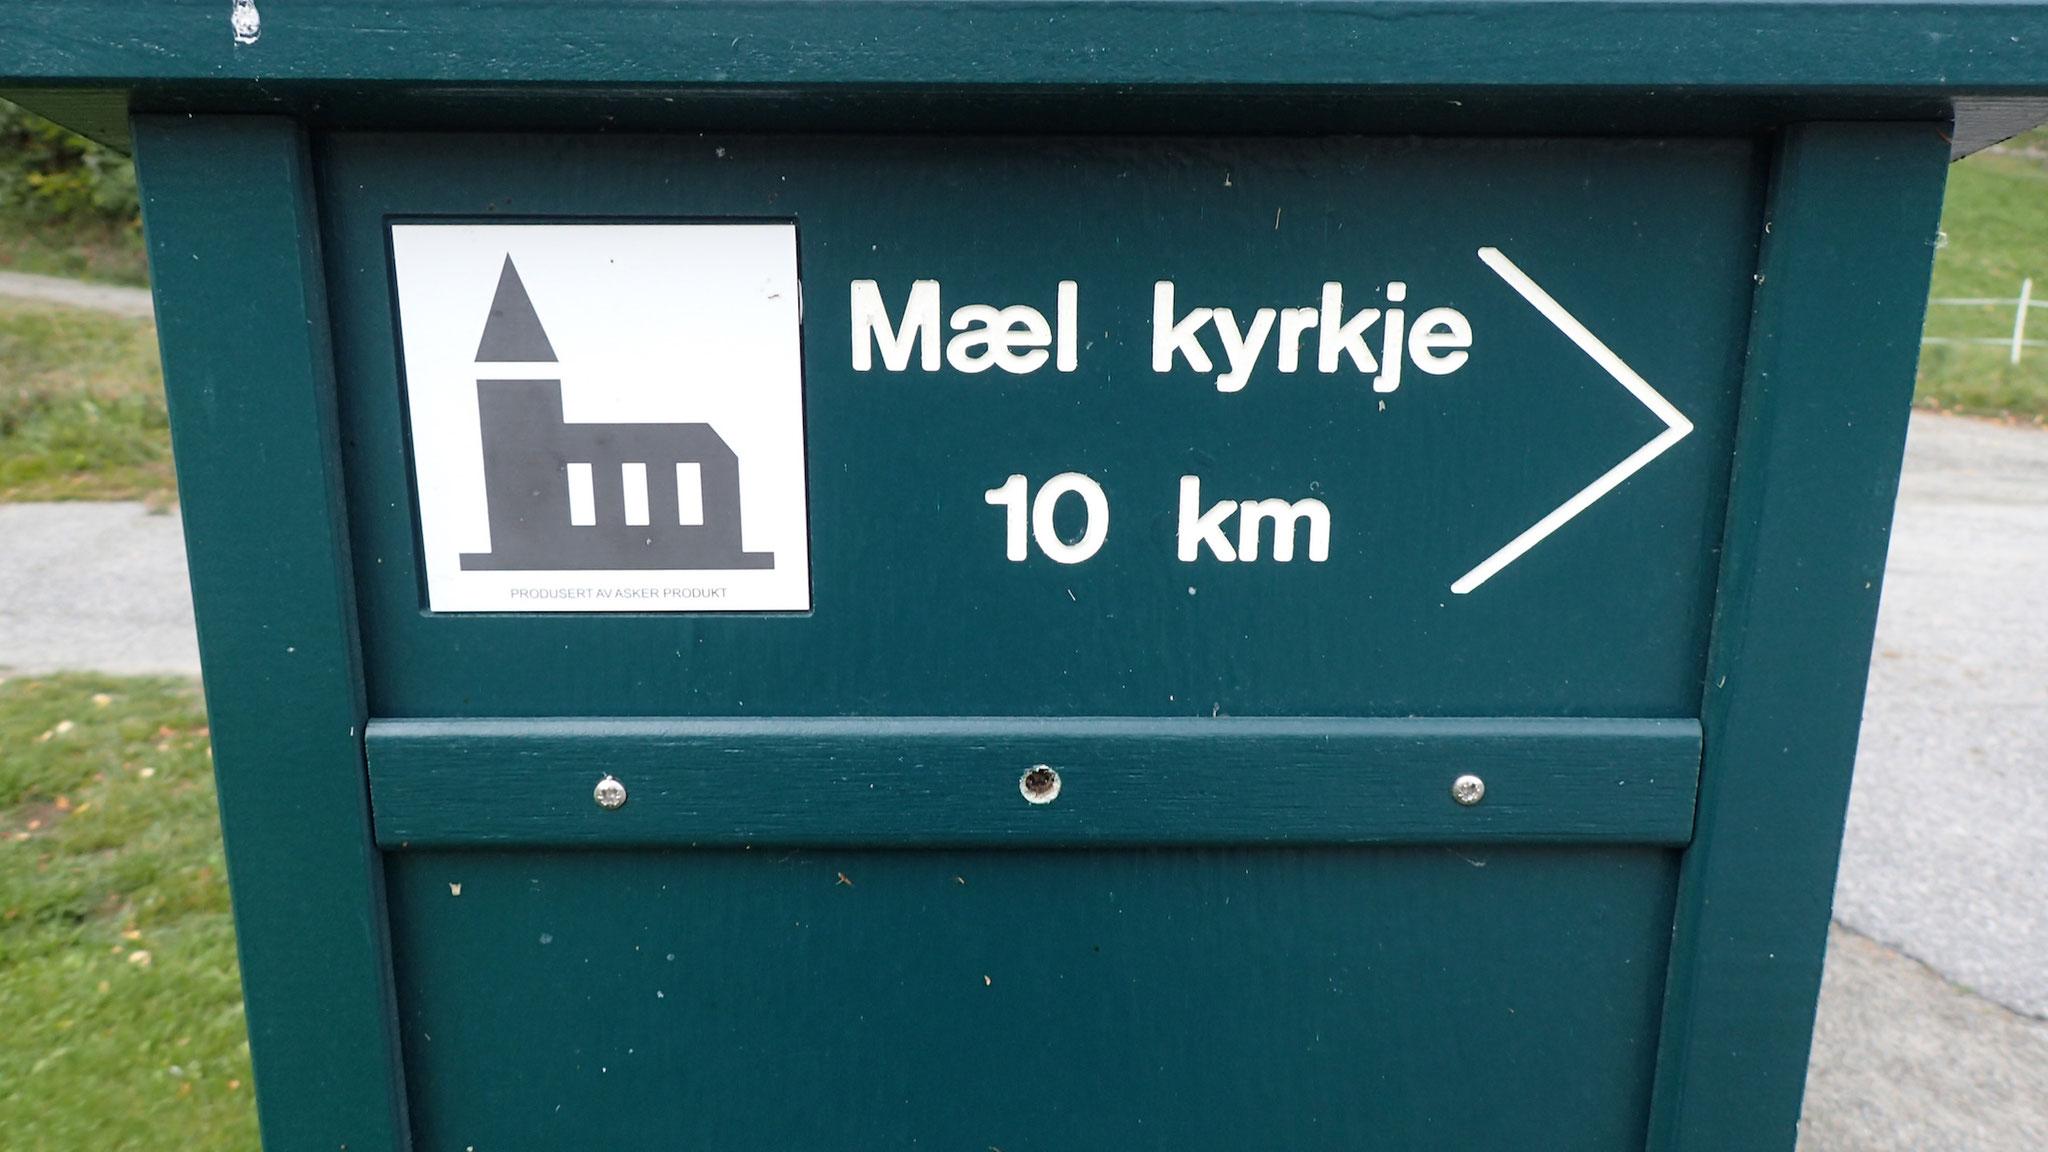 Kvite Kyrkjer sign to Mæl